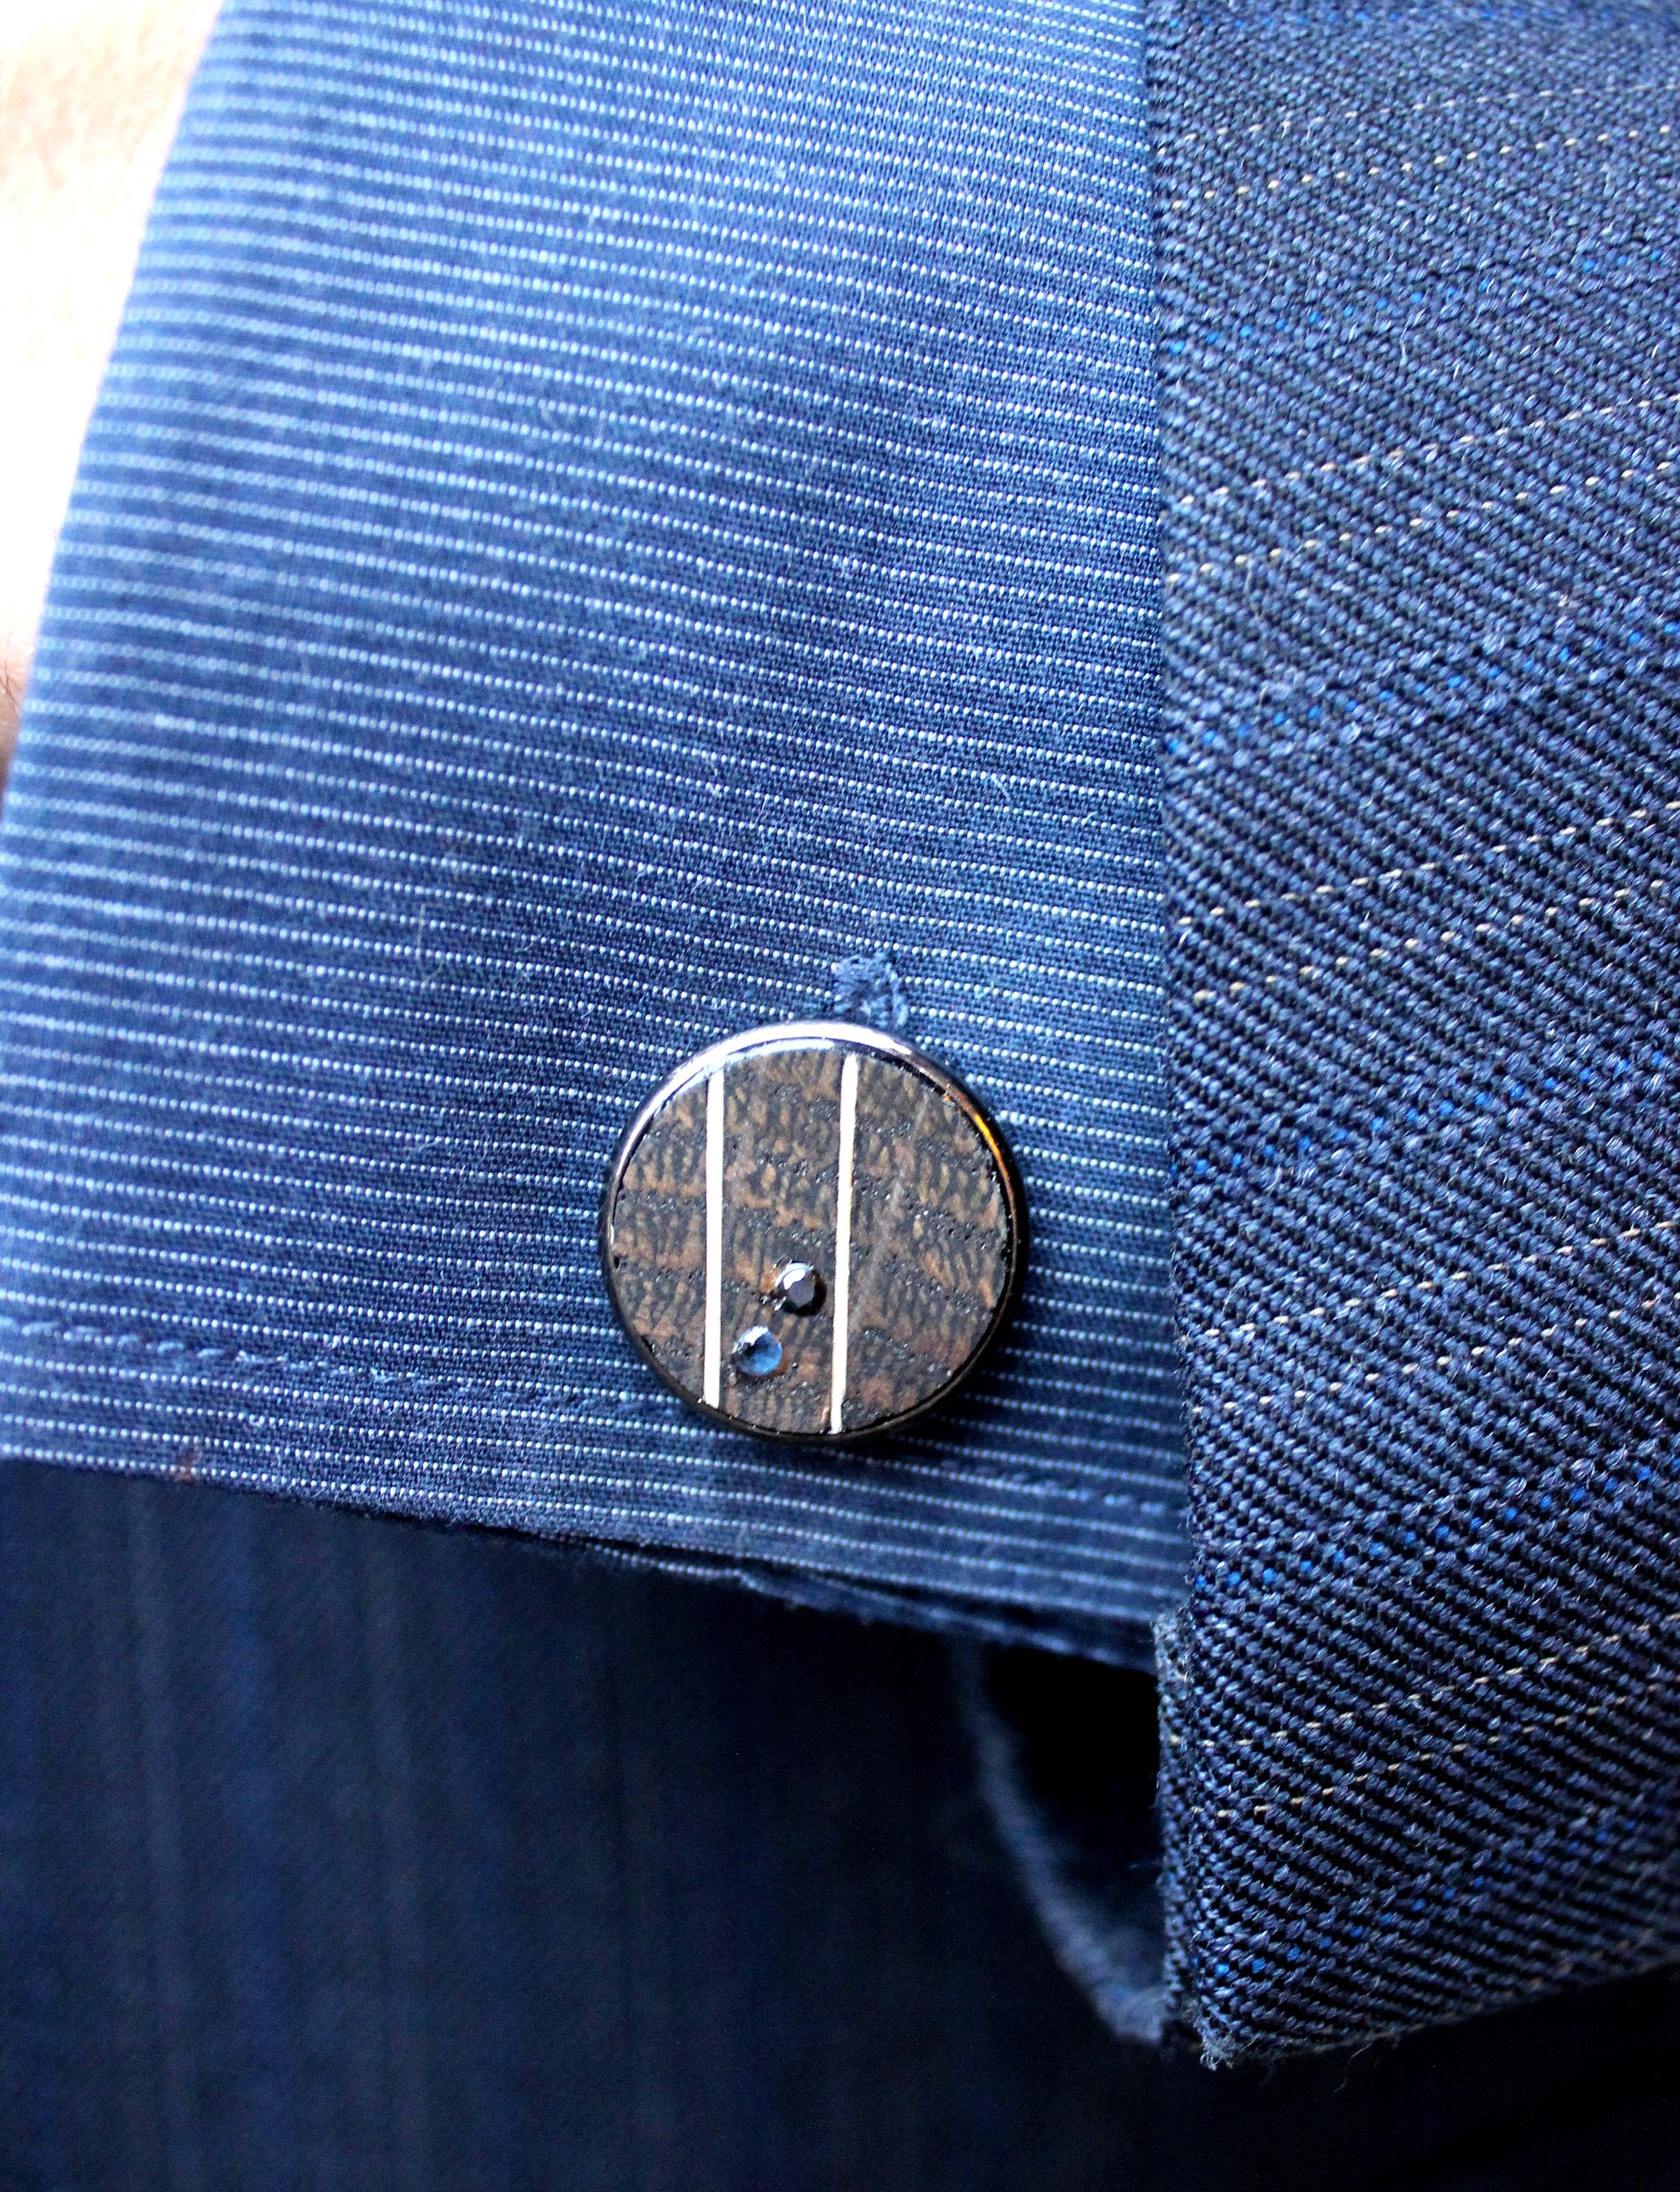 Cufflink - Black (on cuff).JPG